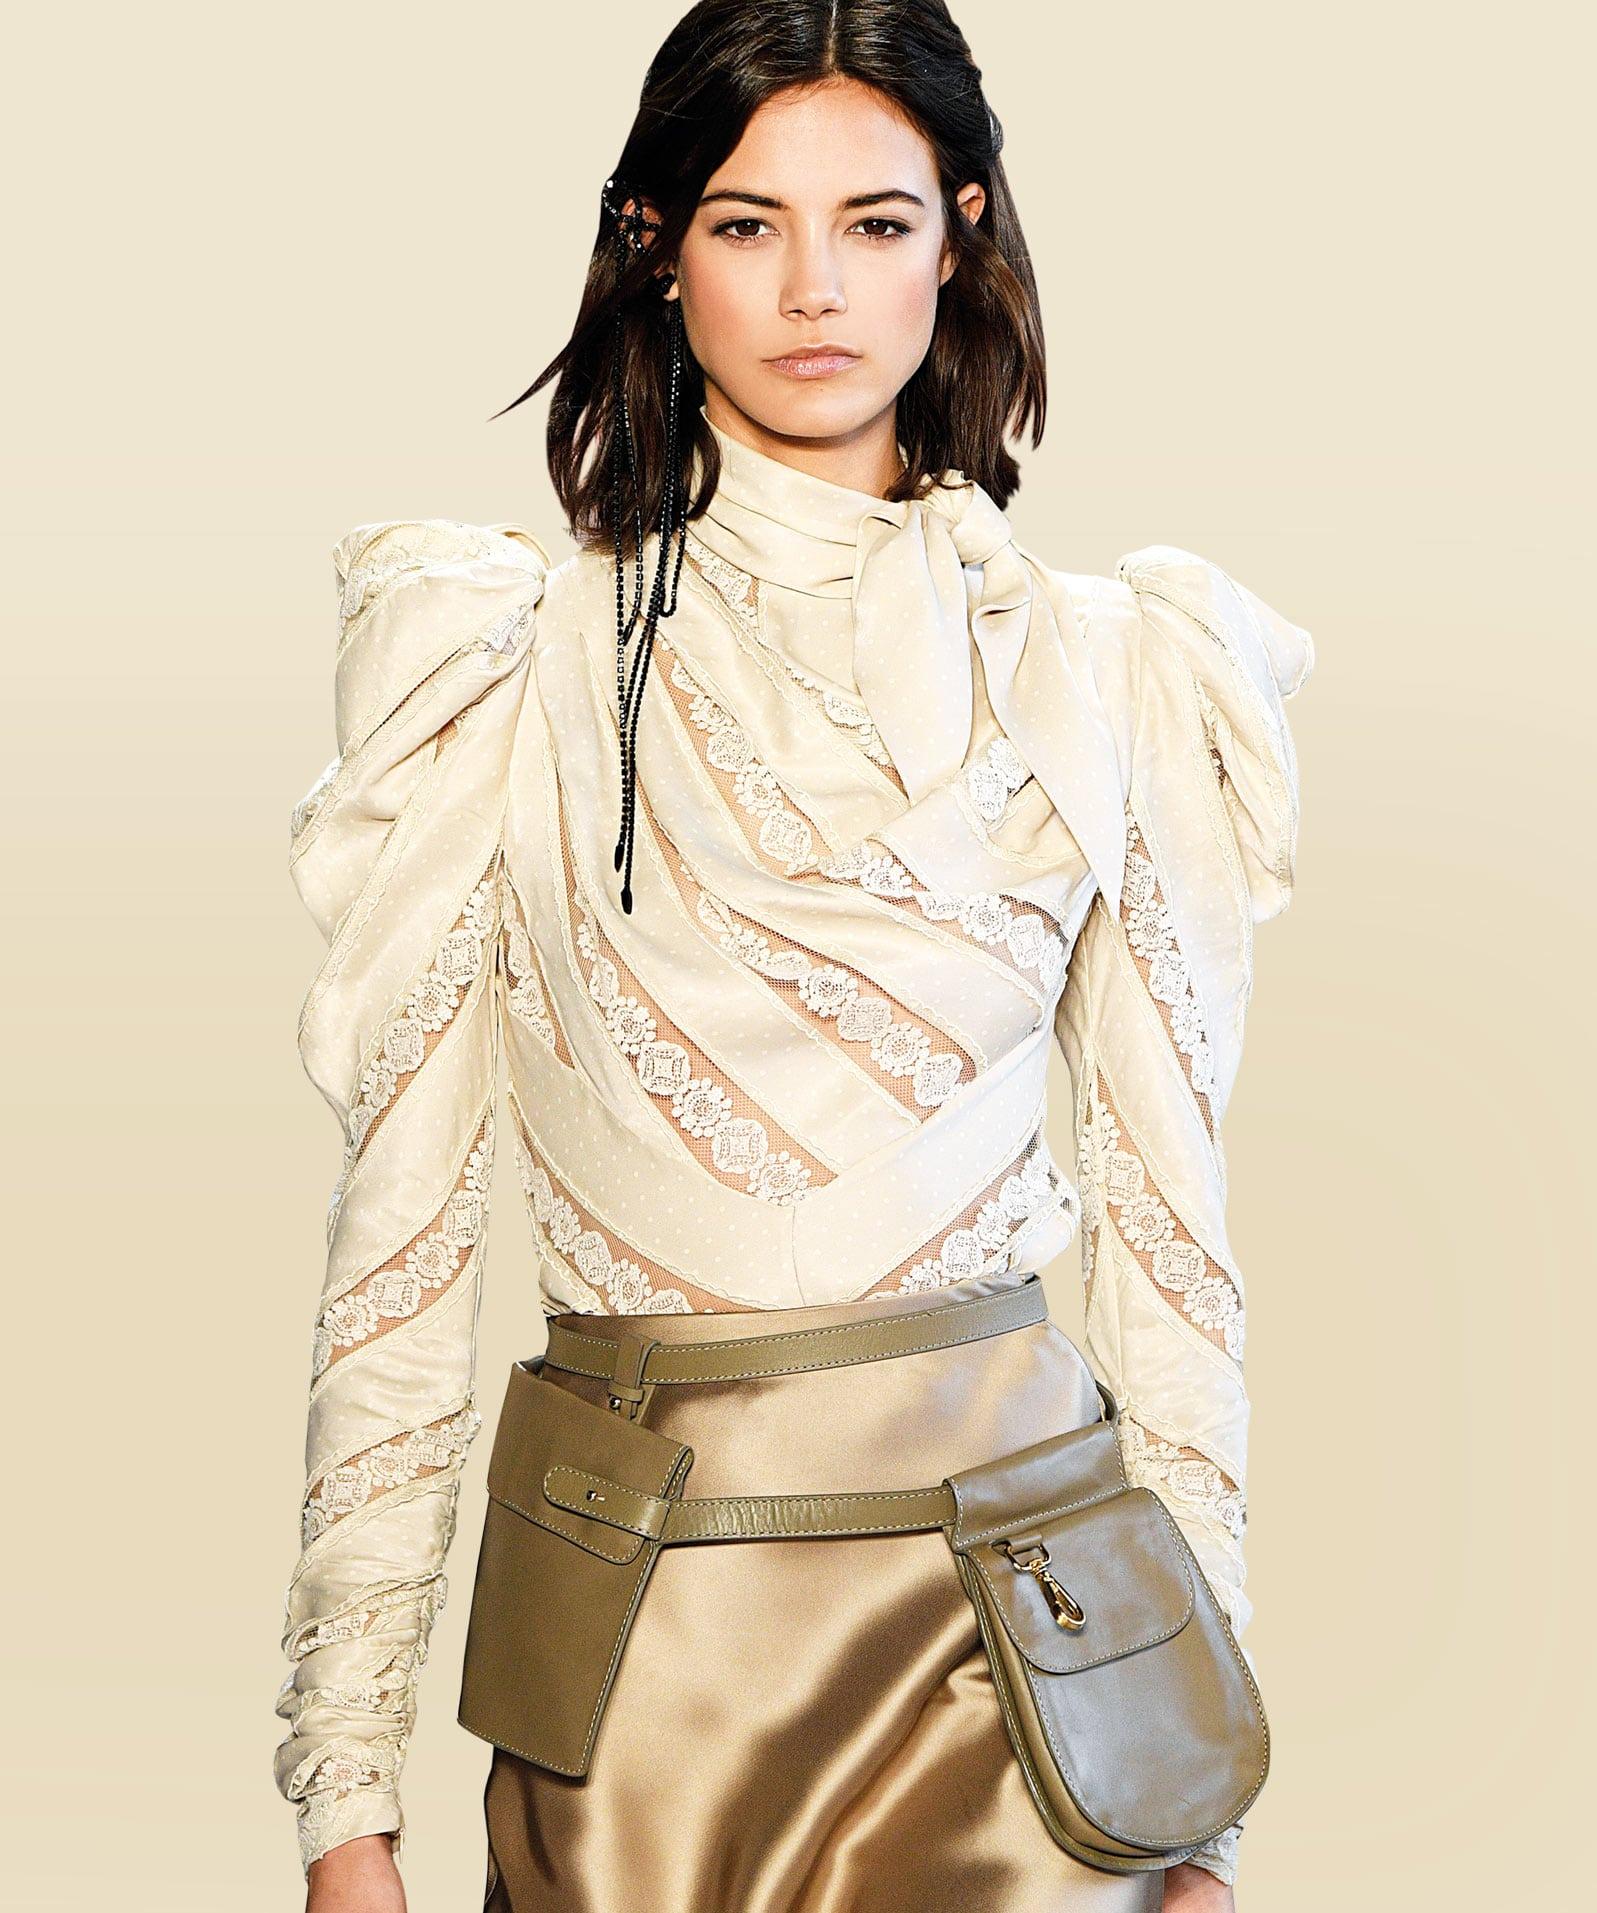 Model trägt ein Gürteltasche von Zimmermann